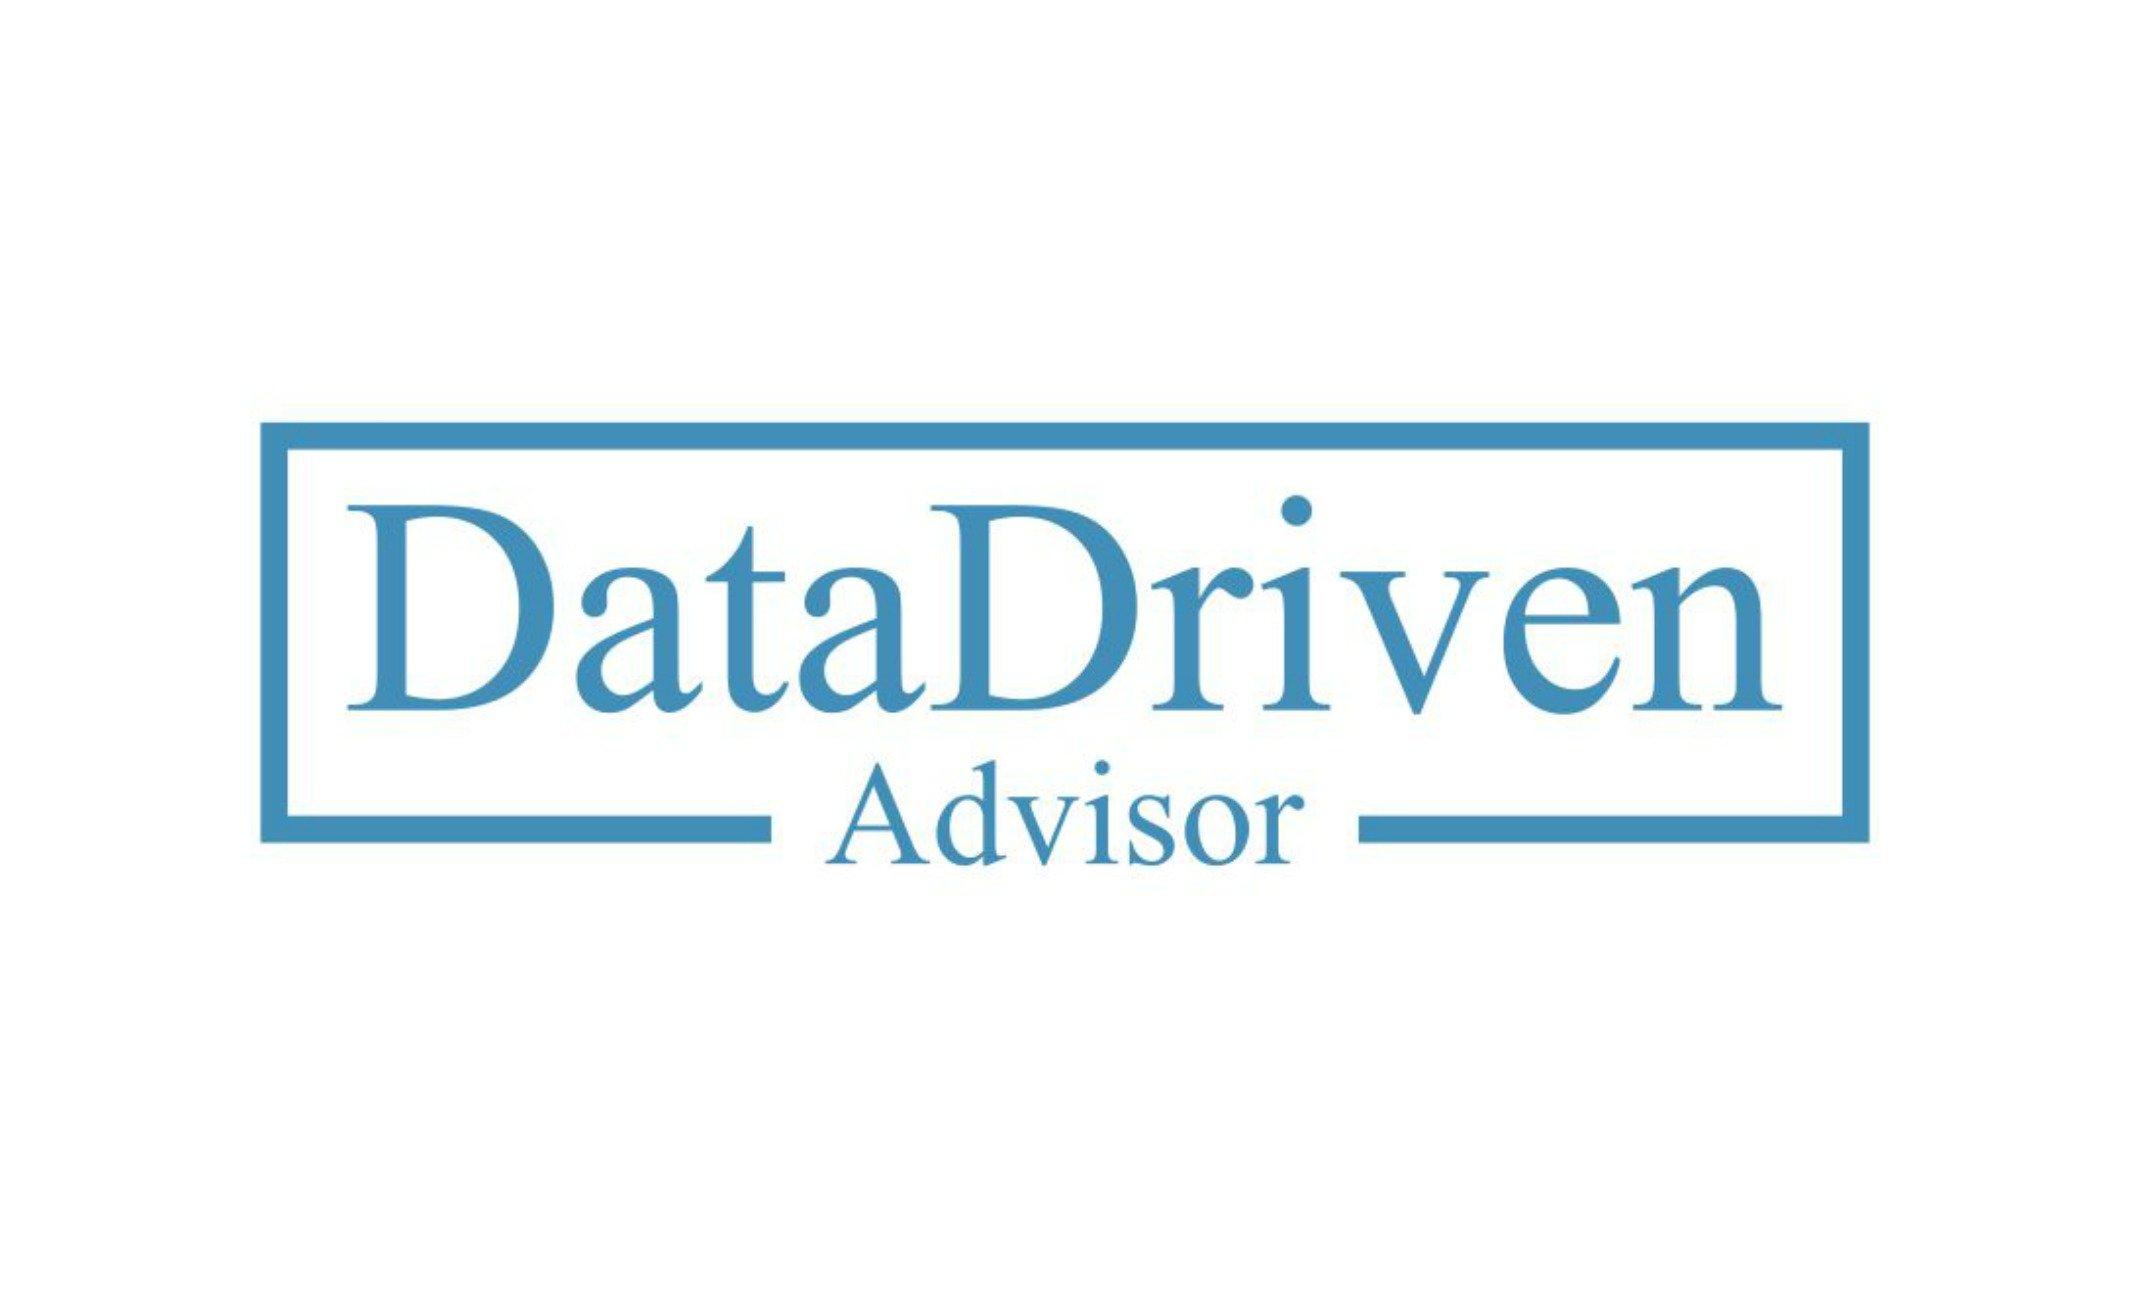 Data Driven Advisor